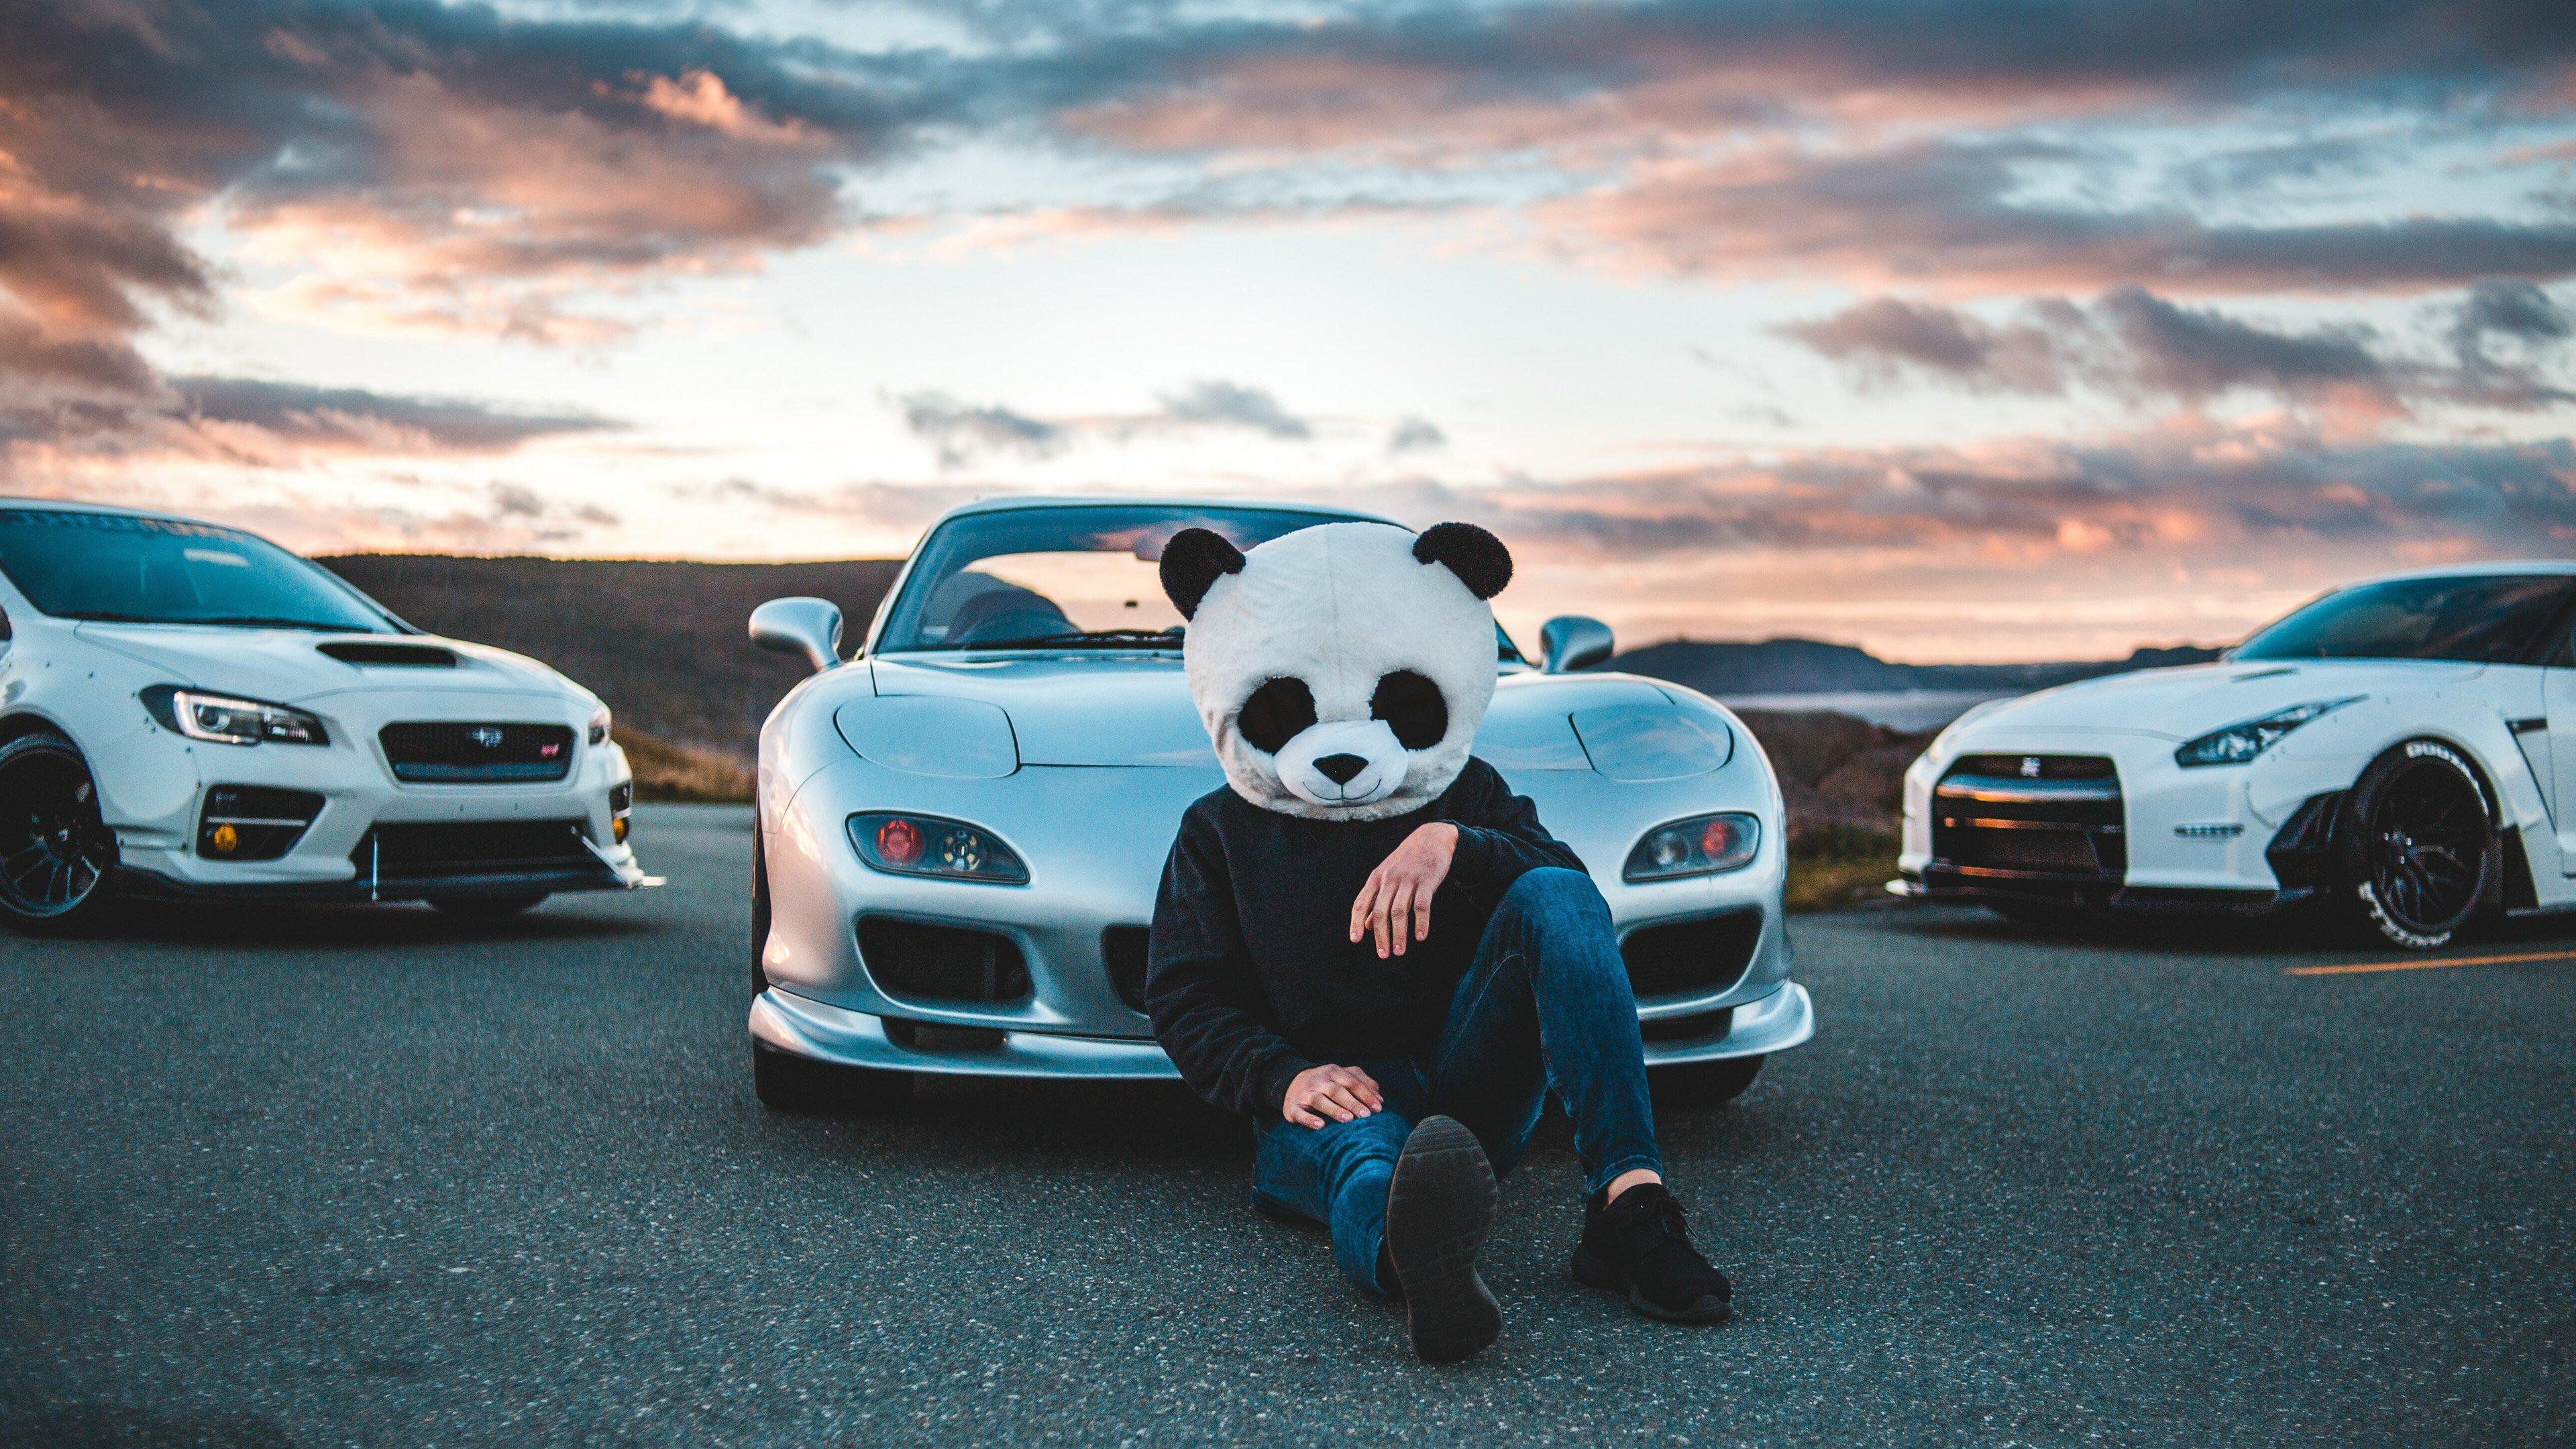 panda helmet guy with cars 4k 1556185172 - Panda Helmet Guy With Cars 4k - hd-wallpapers, cars wallpapers, 5k wallpapers, 4k-wallpapers